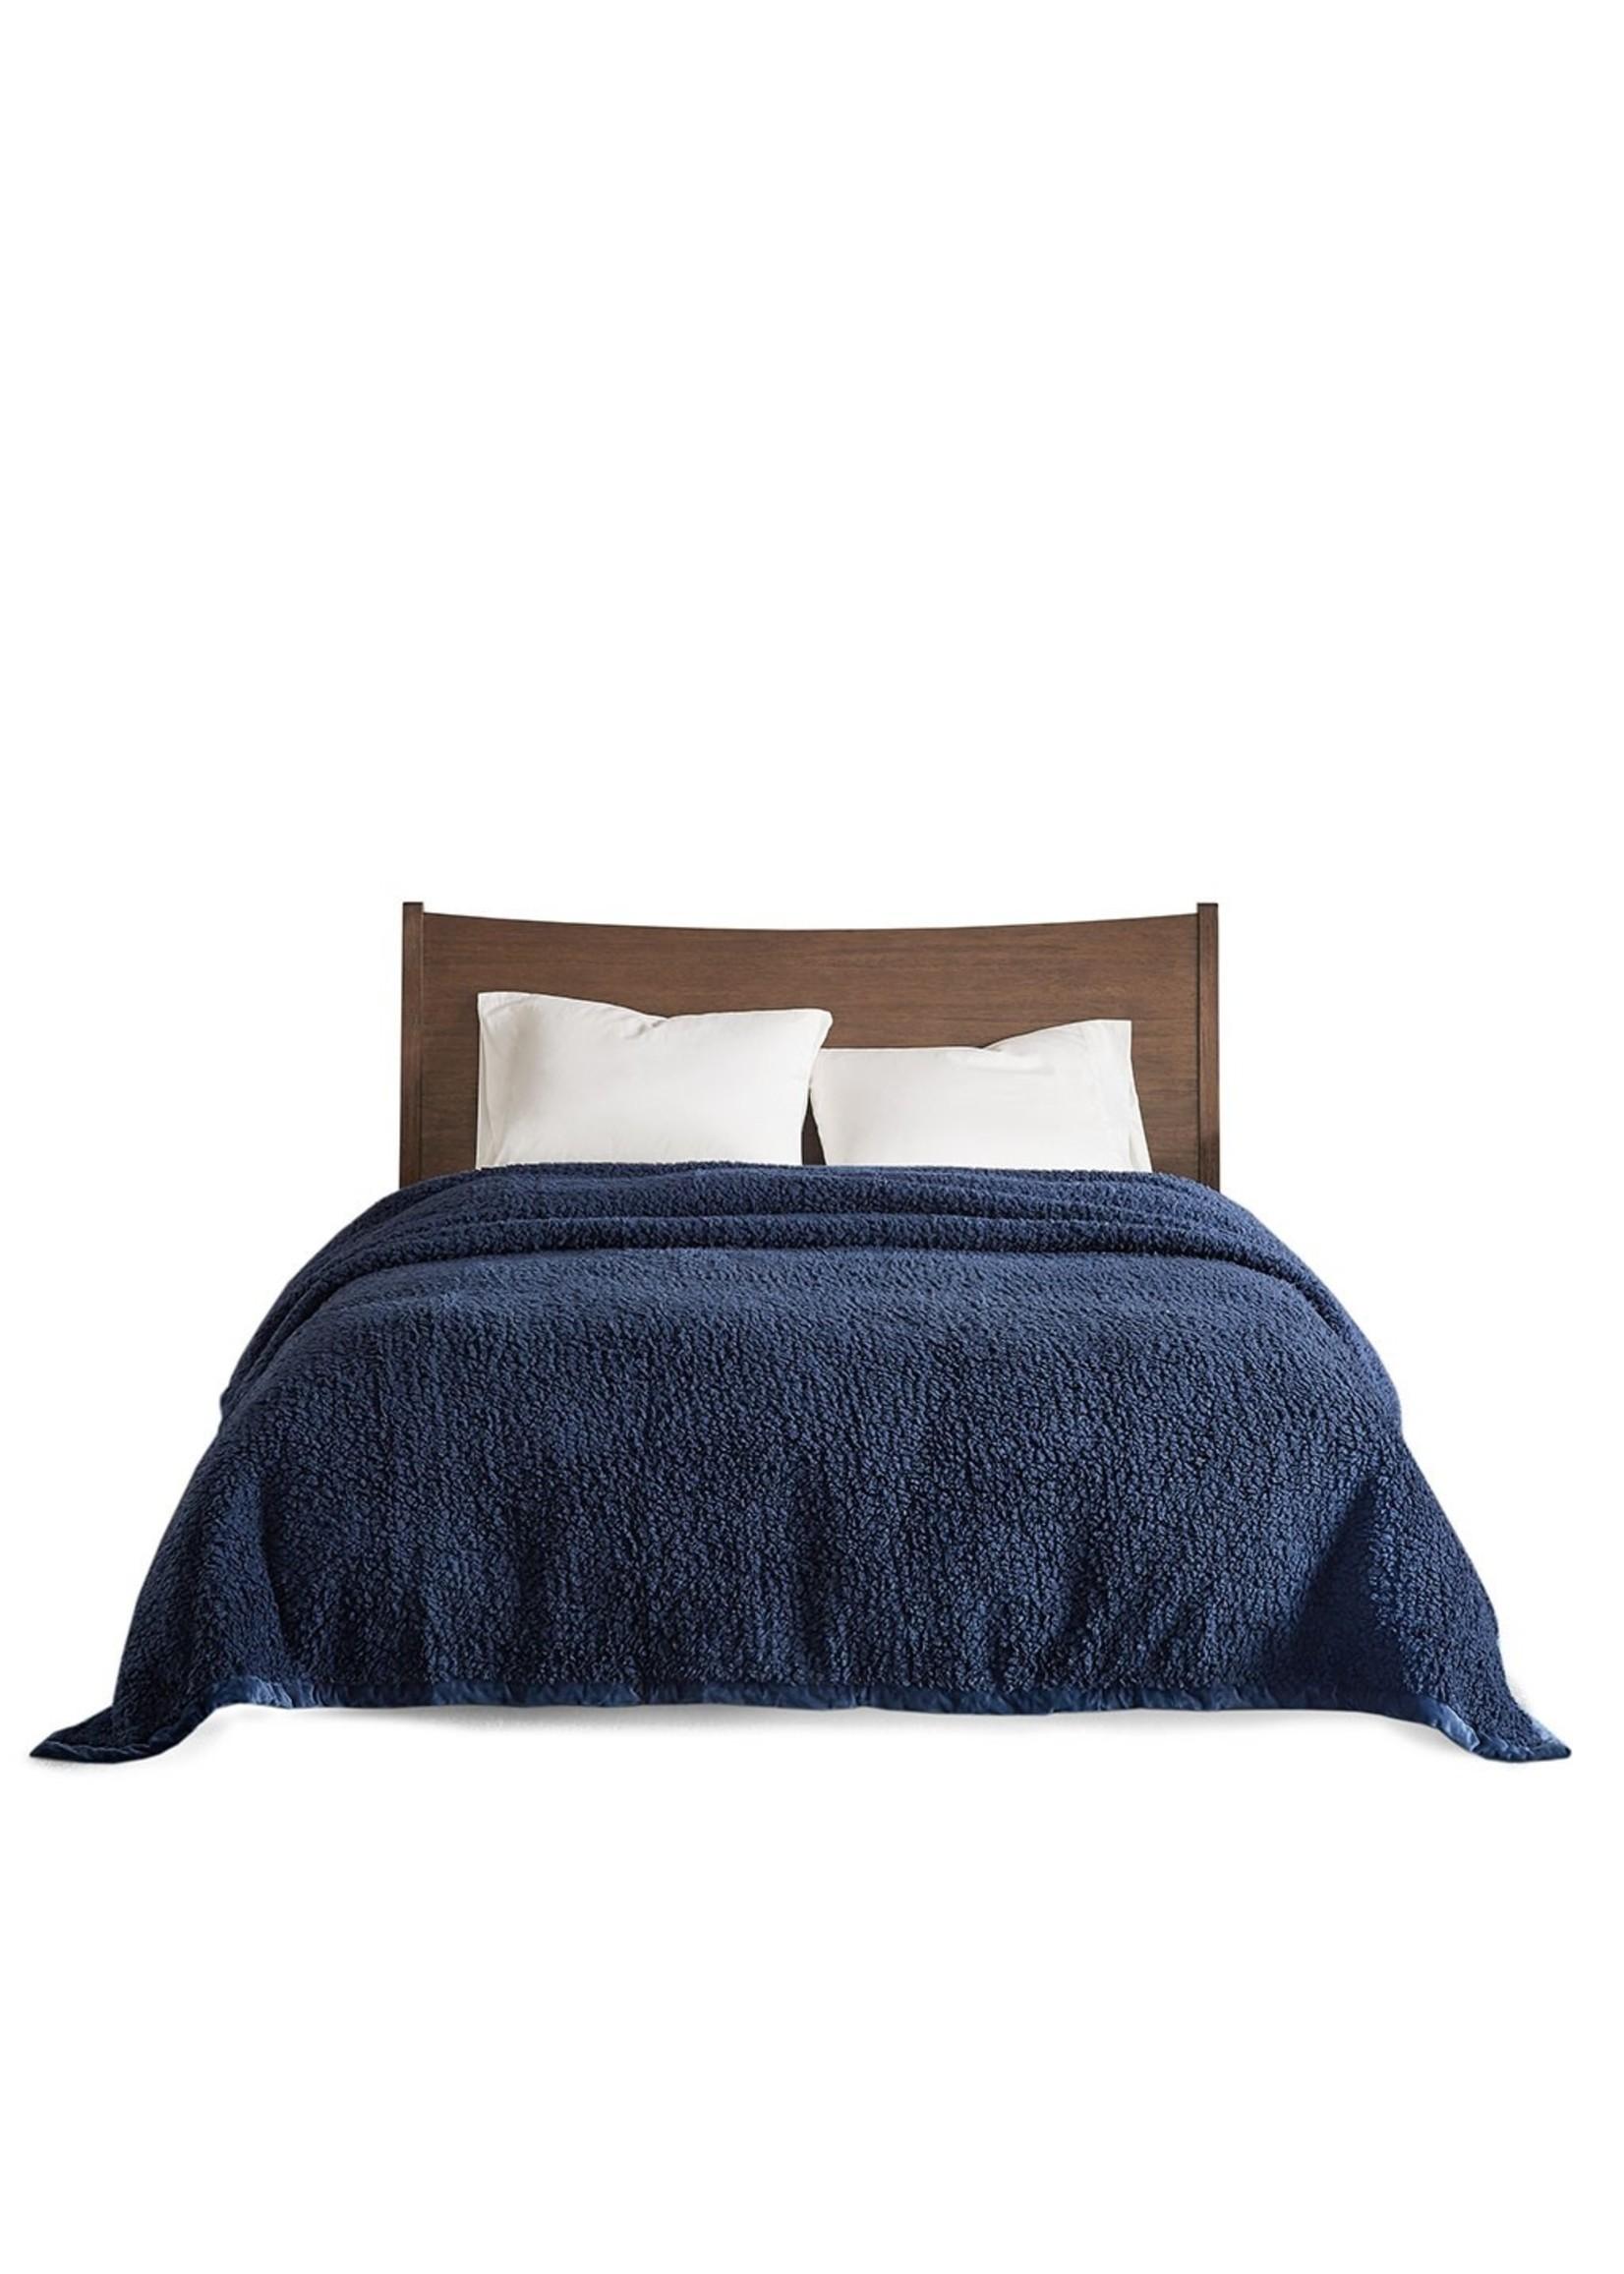 Olliix Navy Sherpa Blanket - Full/Queen